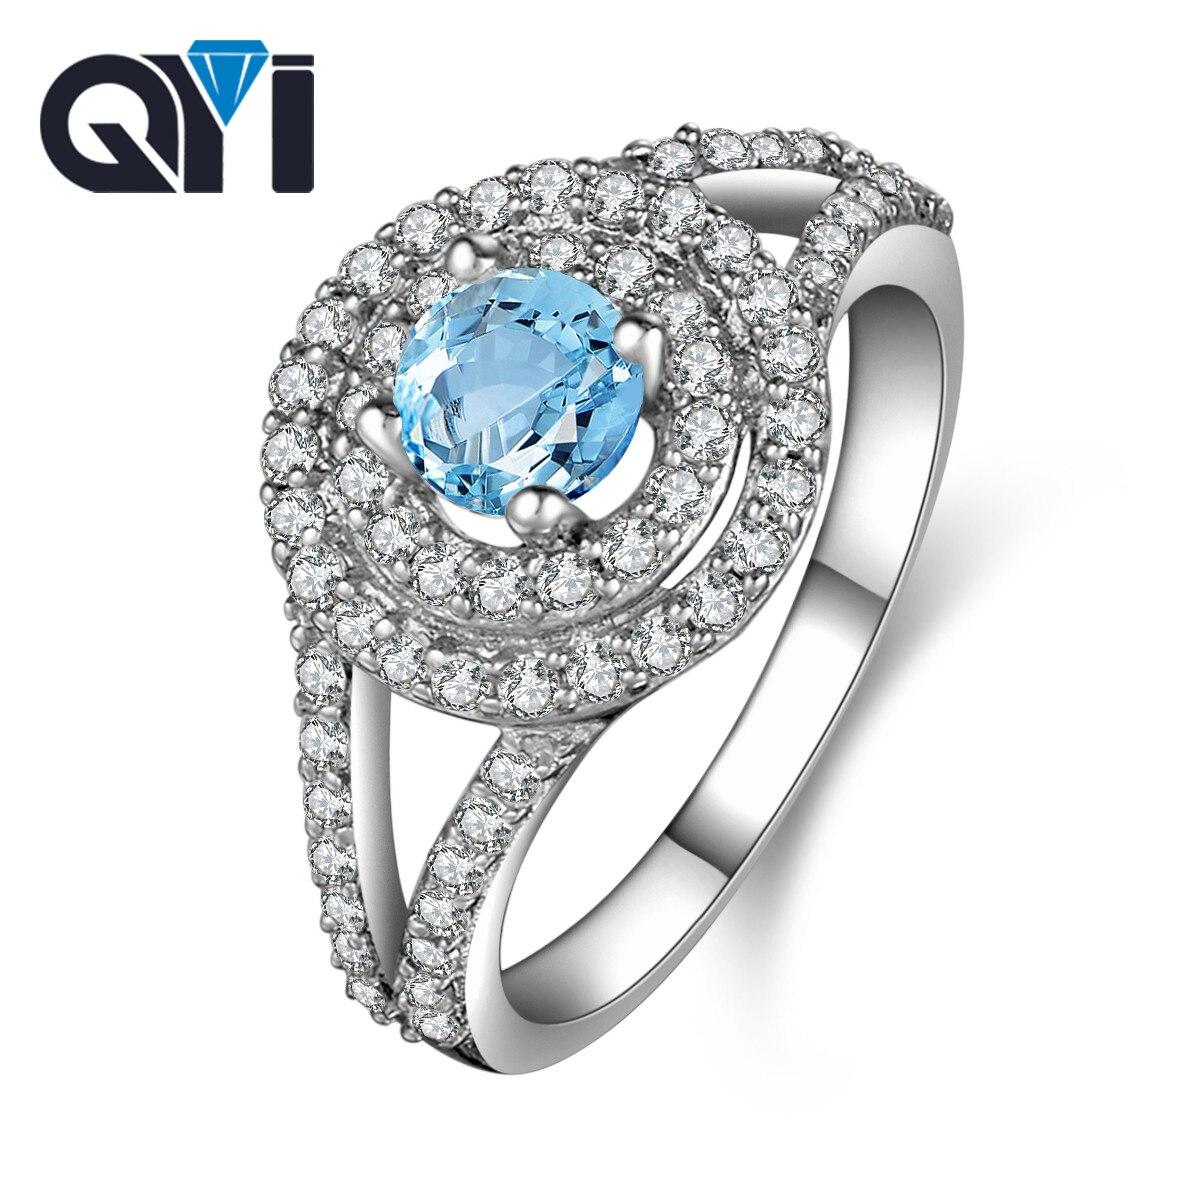 QYI pierres précieuses 925 en argent Sterling anneaux de luxe femmes 0.8 ct coupe ronde Halo fiançailles bleu ciel bague topaze bijoux fins en gros